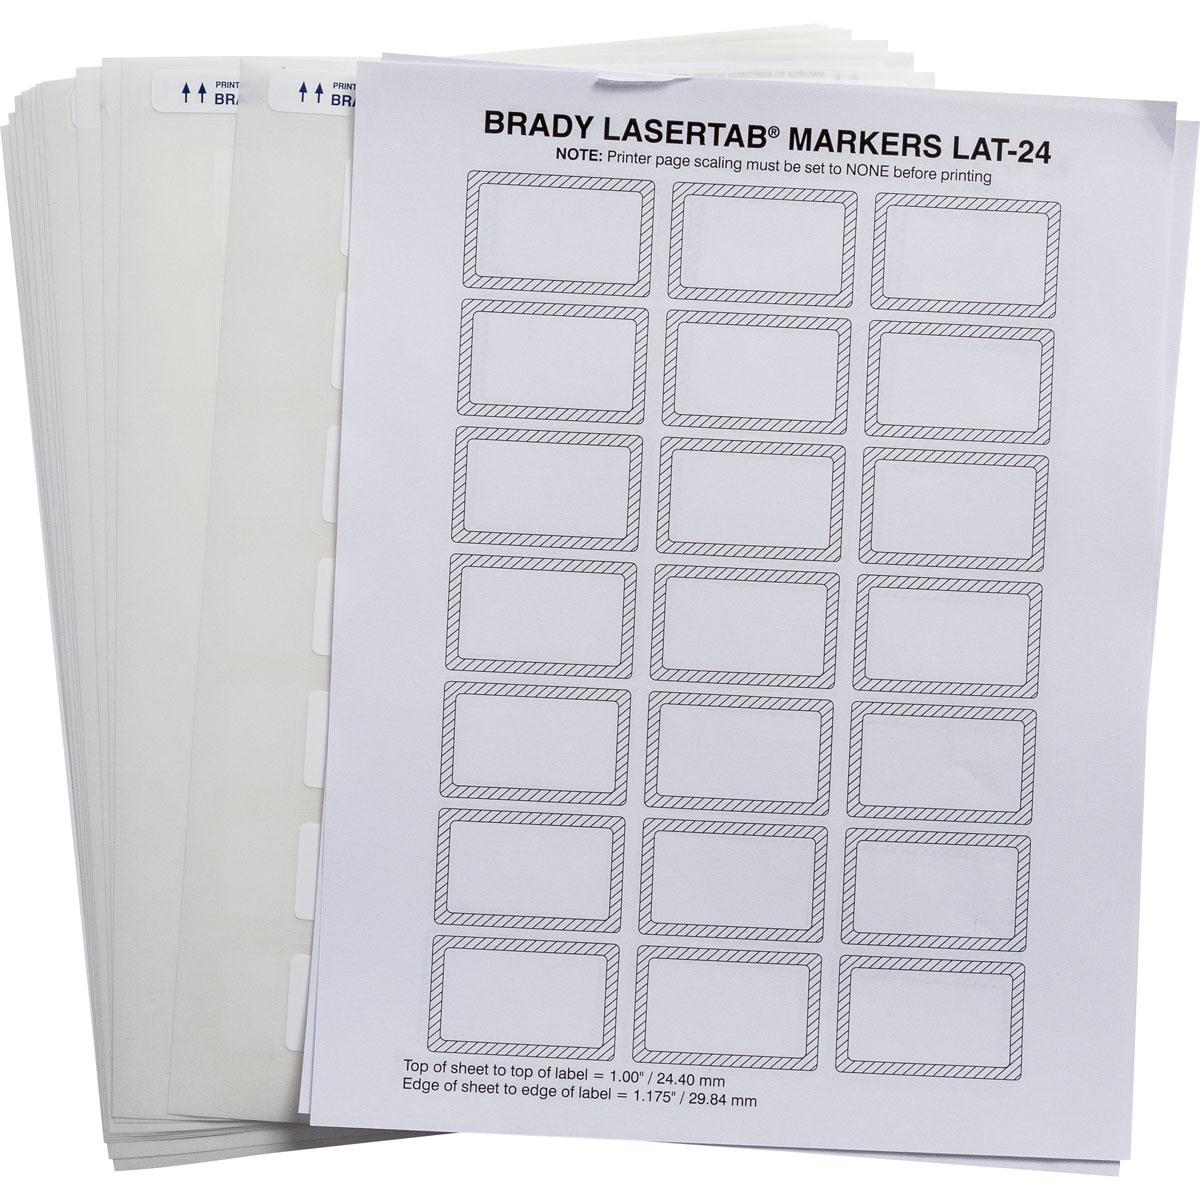 brady label templates - brady part lat 24 747 1 permashield laser printable labels